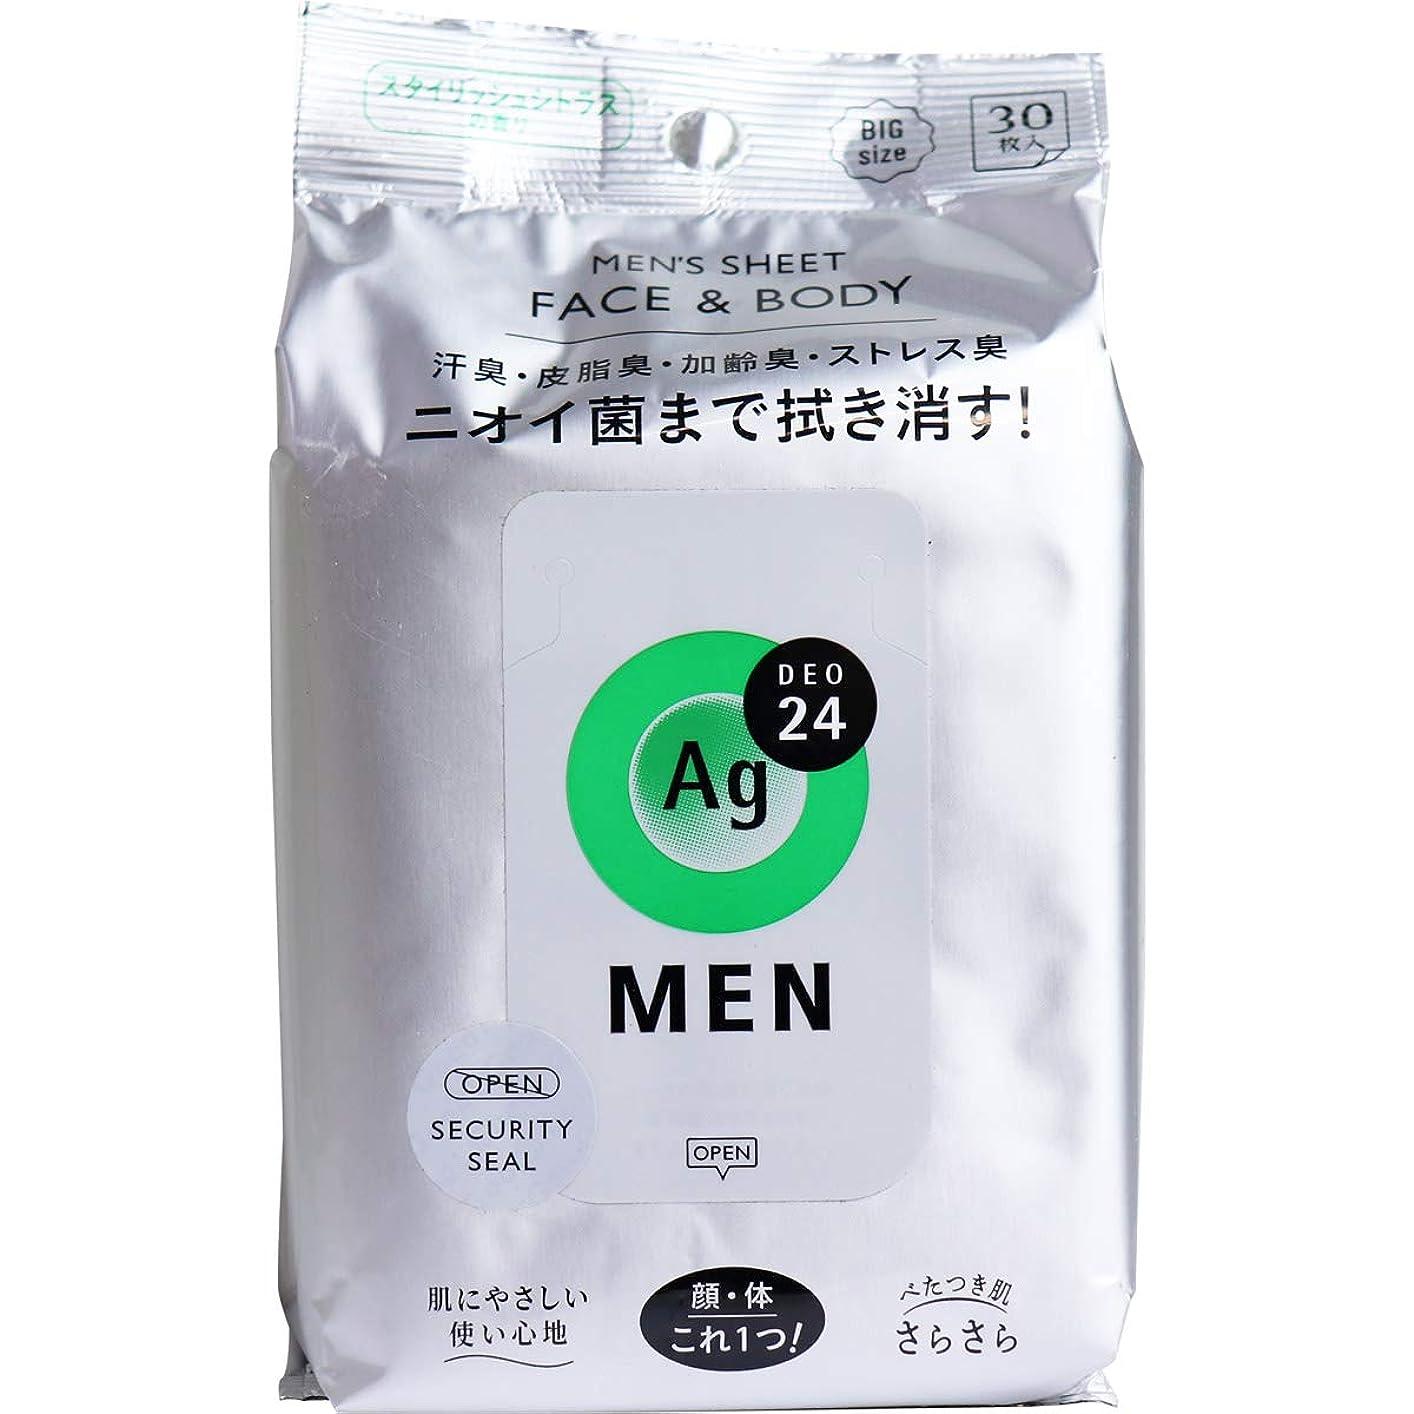 なめる高く移行するエージー24メン メンズシート フェイス&ボディ(シトラス)30枚 (4)